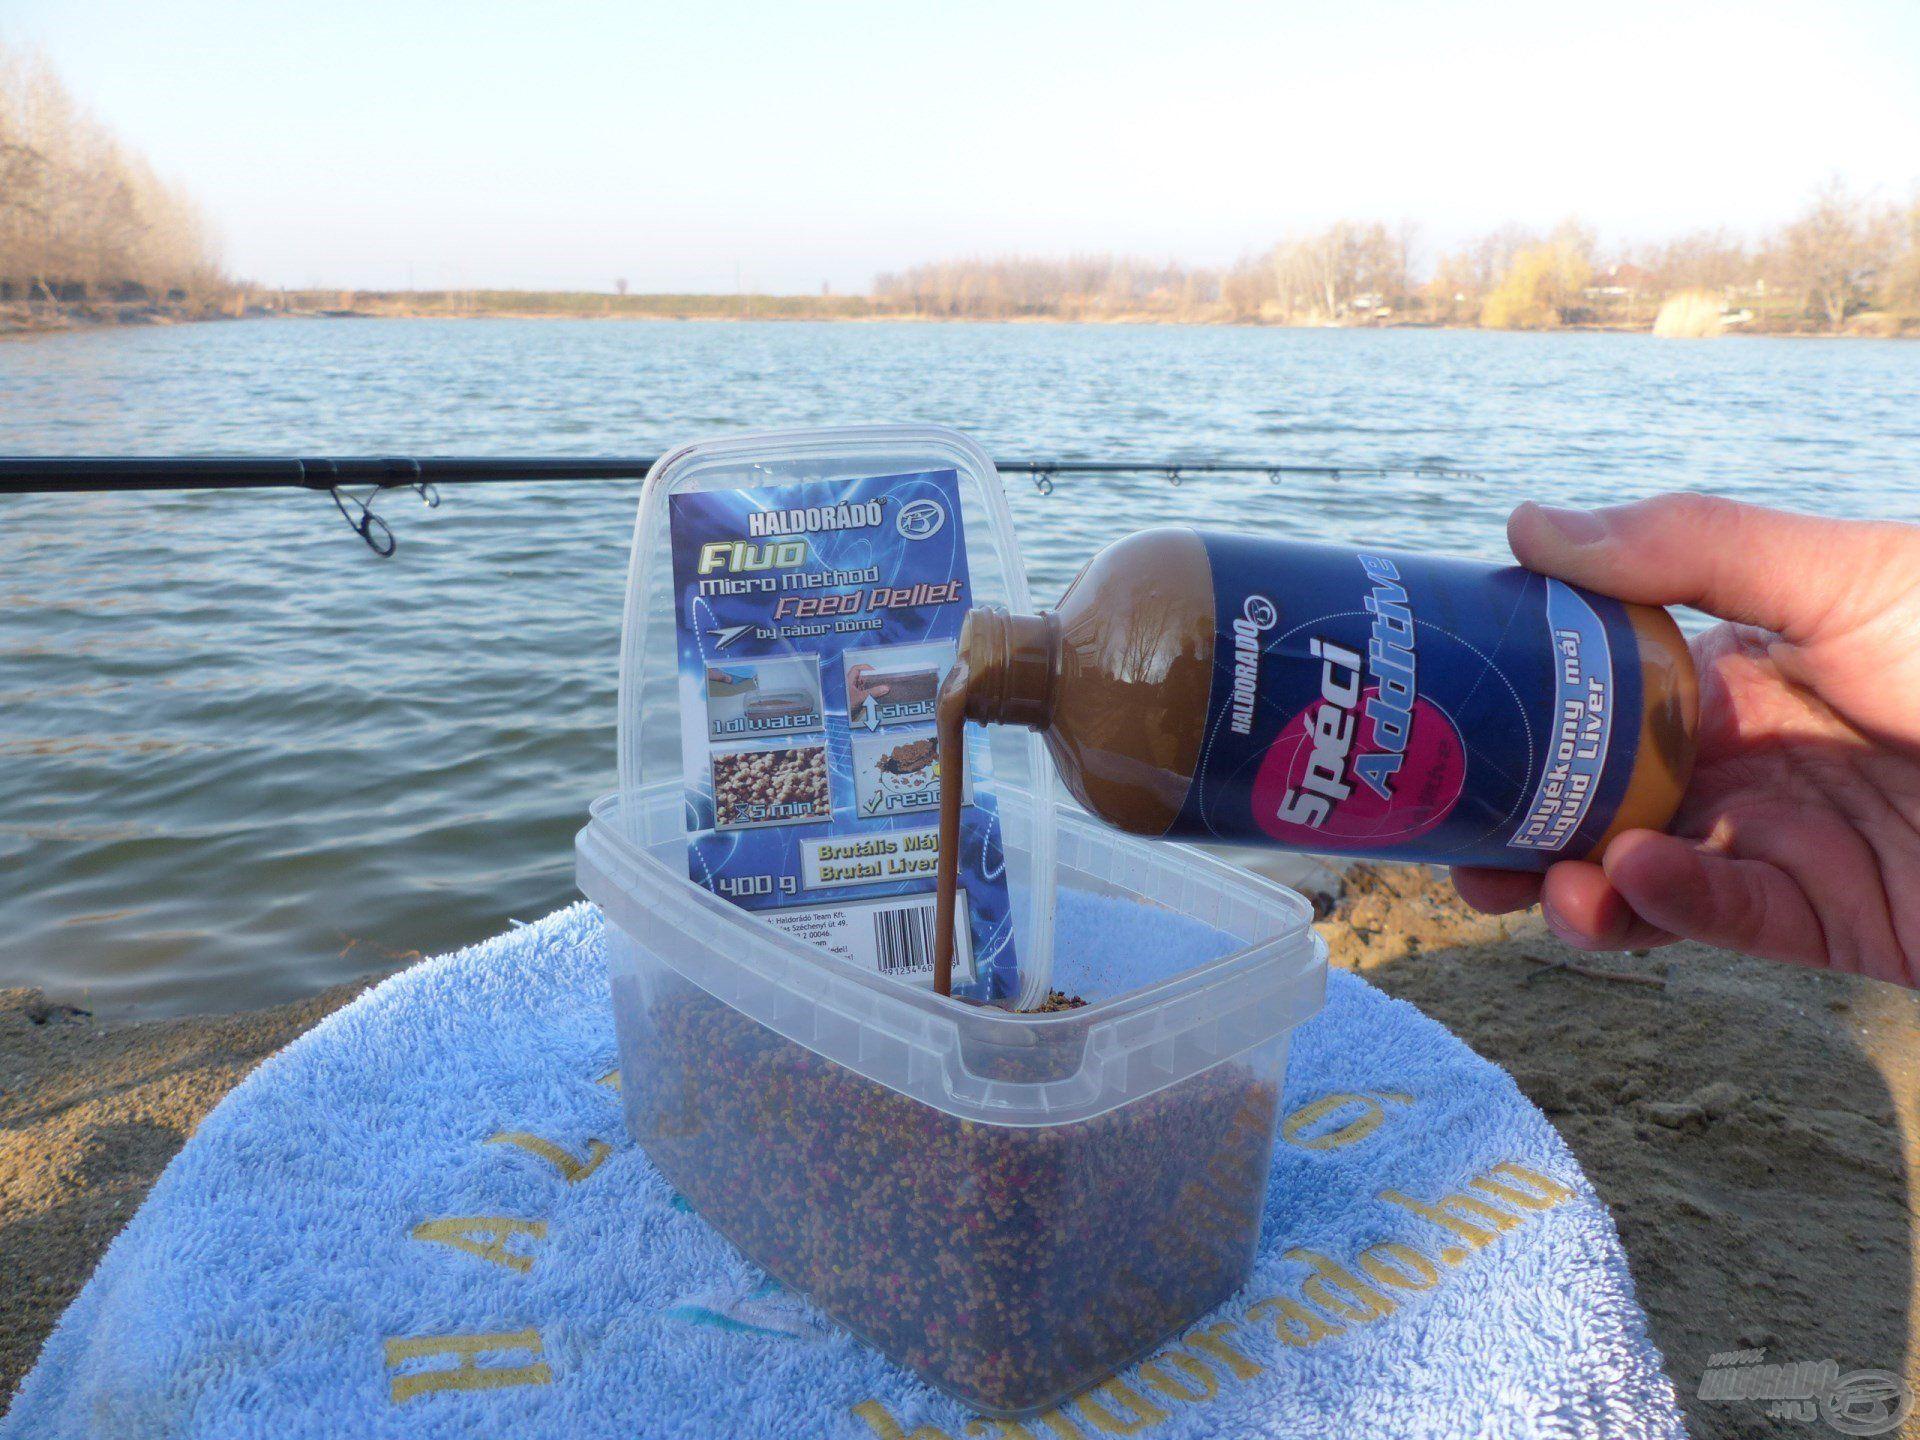 Több etetőanyagot is próbára tettem, és a FMMFP Brutális Máj a hozzá illő adalékkal bizonyult a legjobbnak a jéghideg vízben